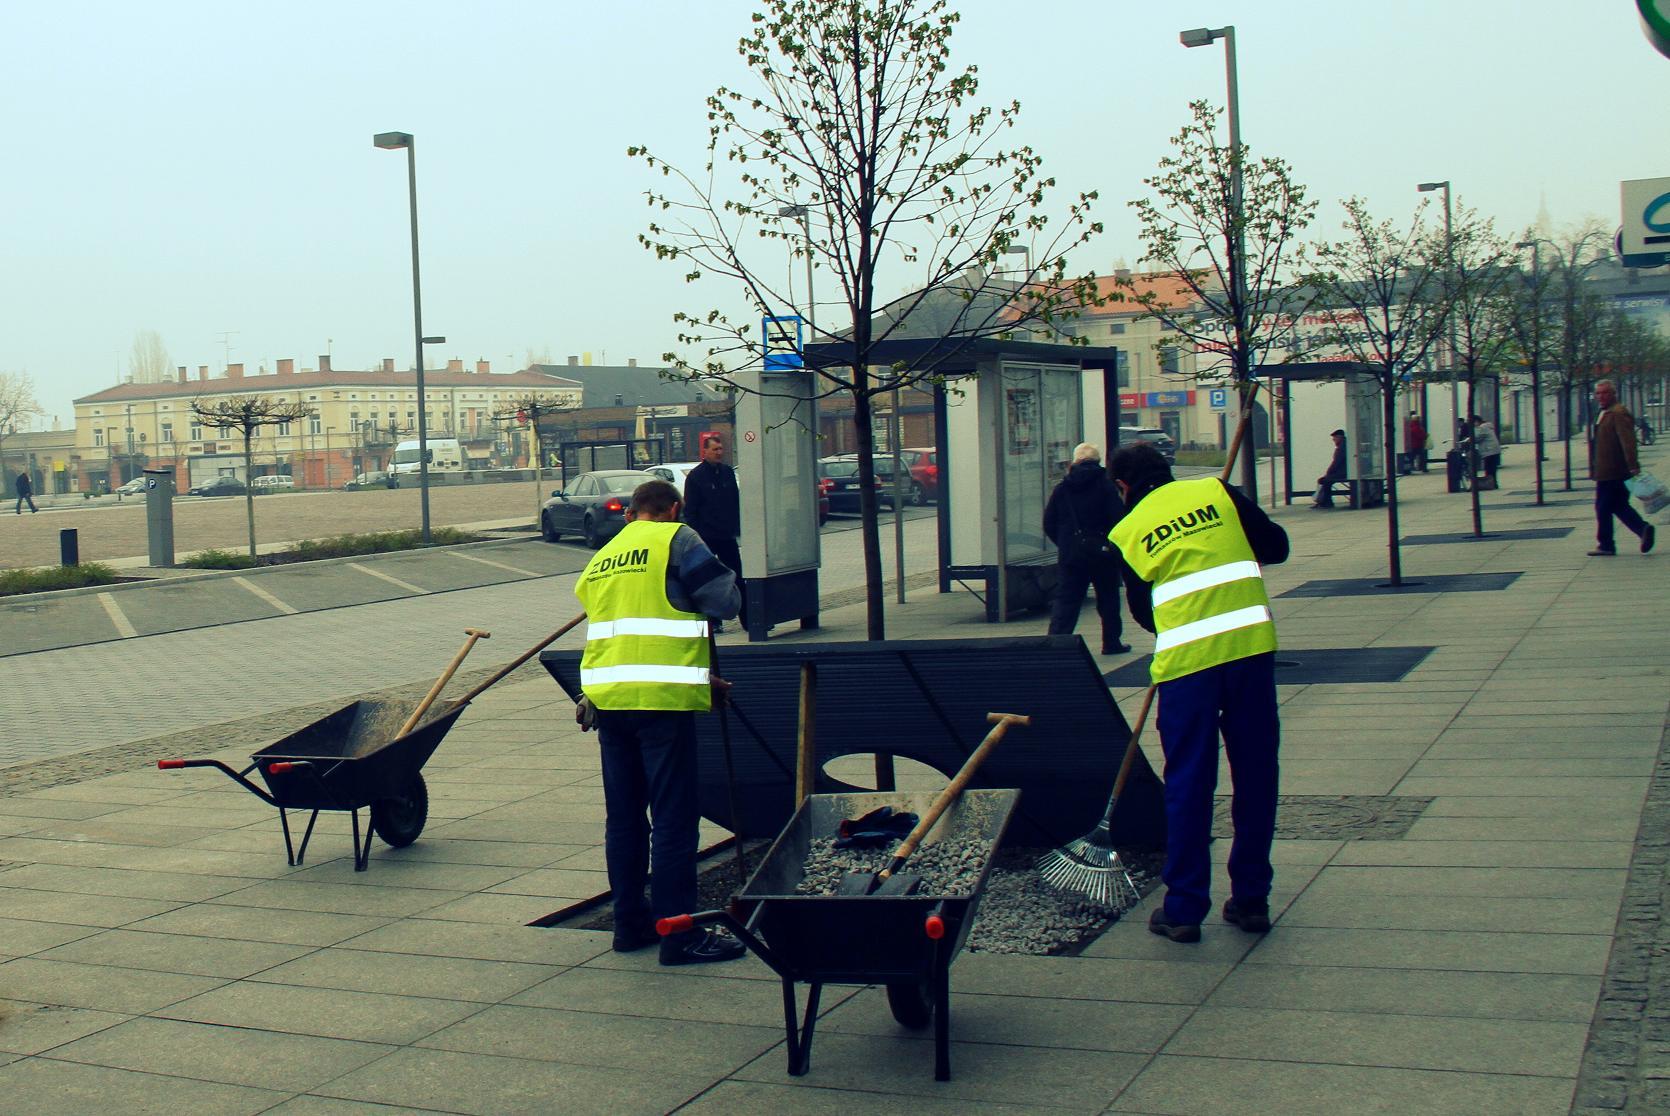 Wiosenne porządki w mieście. Plac Kościuszki nabiera kolorytu